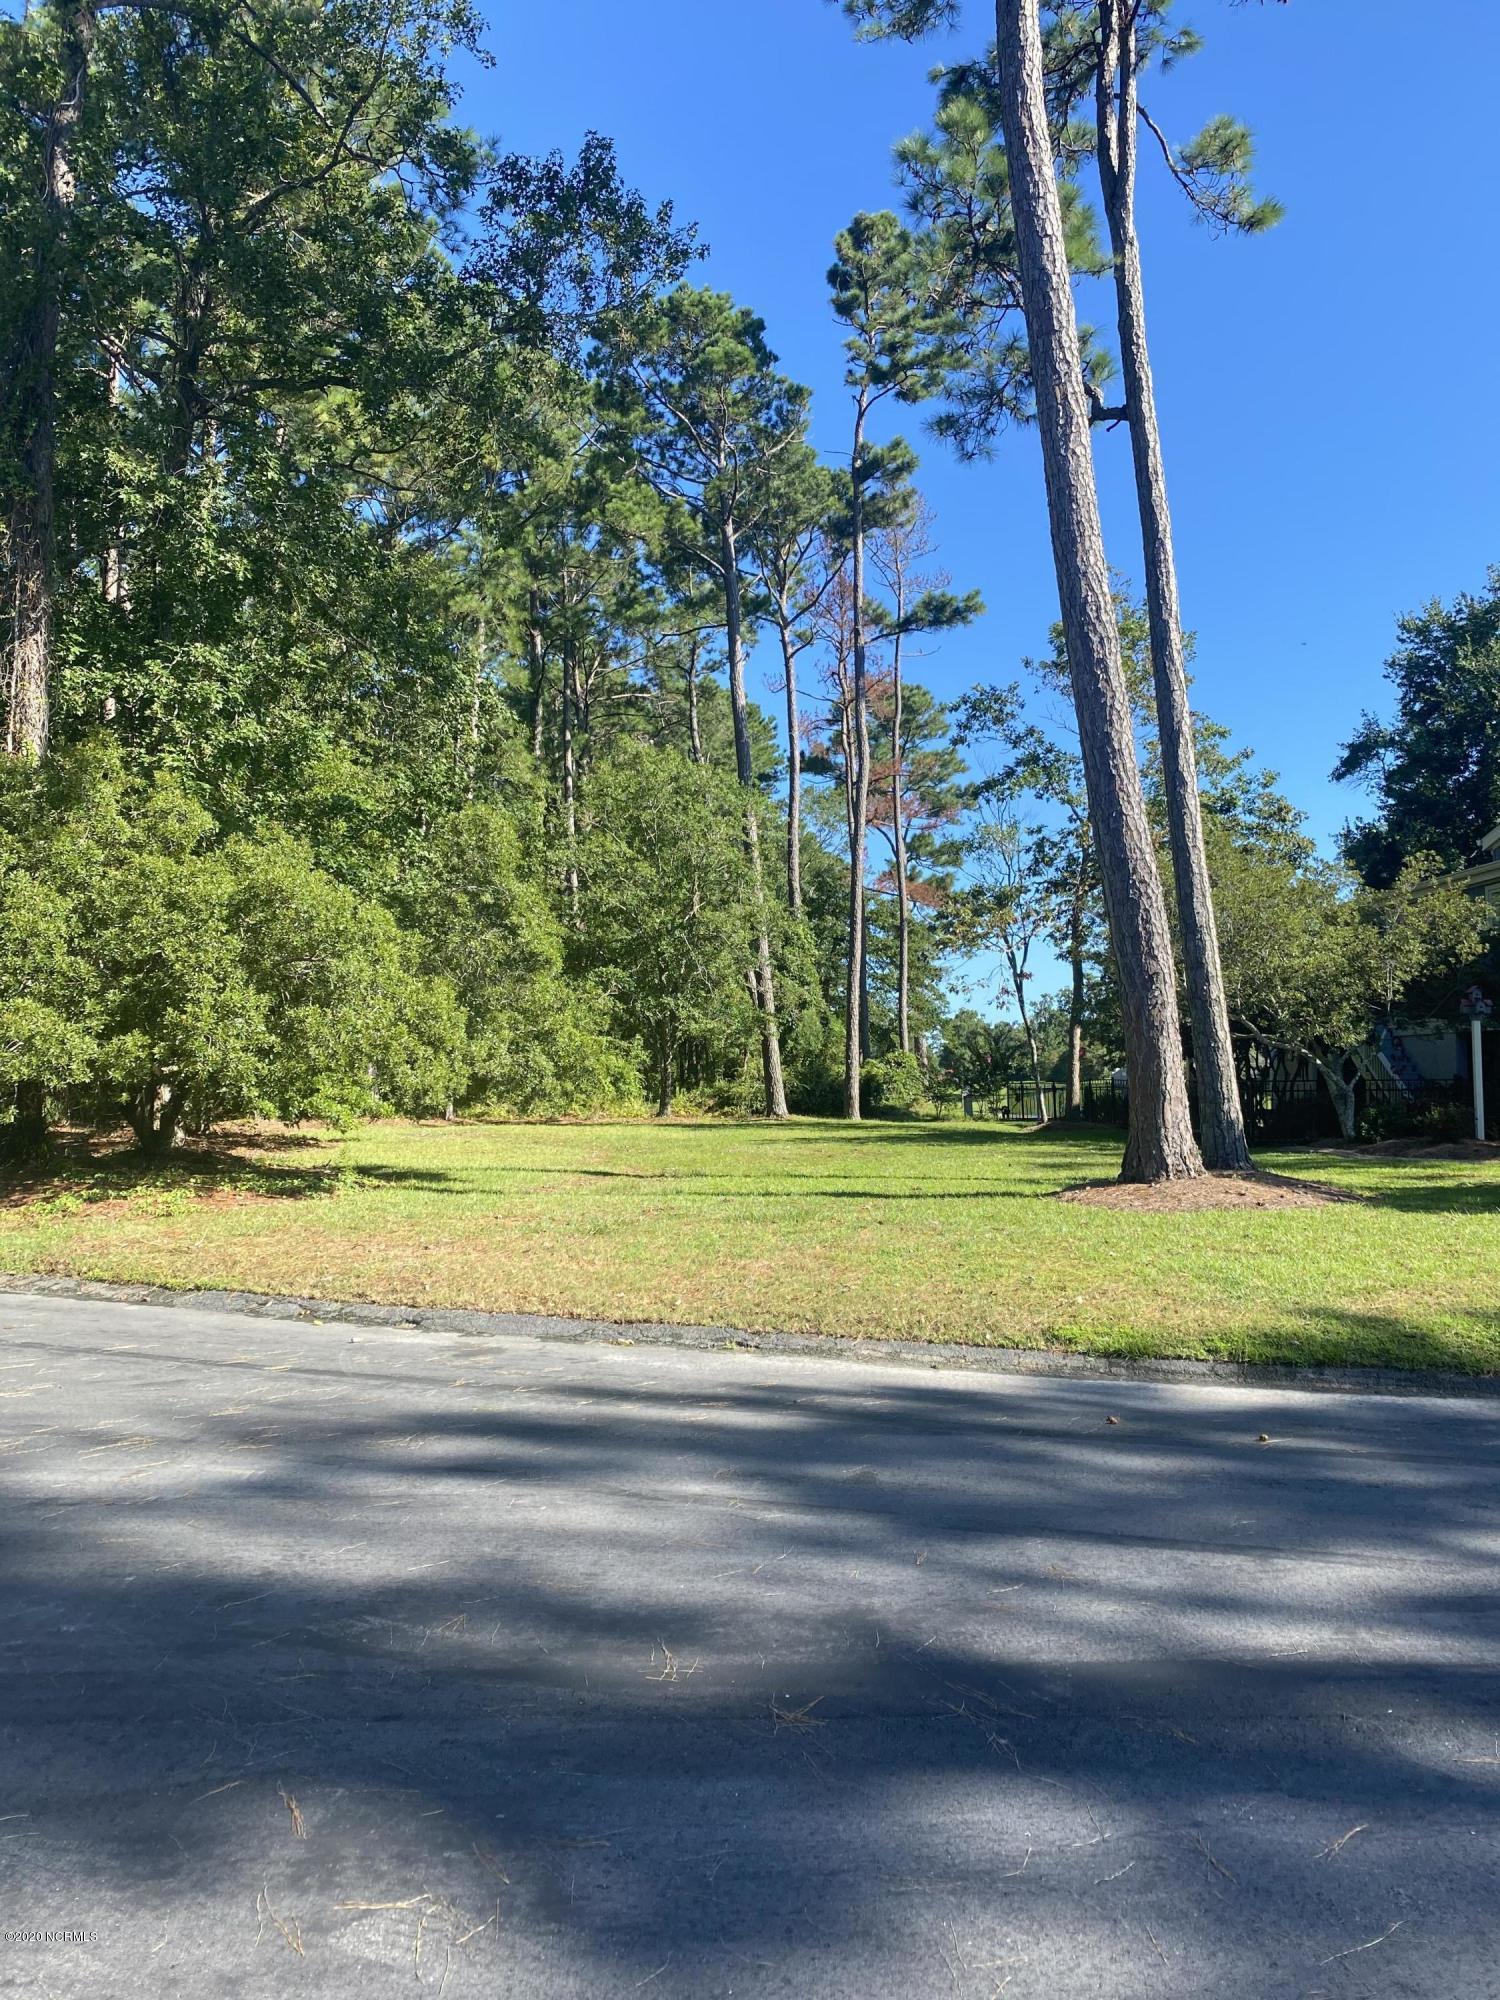 1535 Deer Pointe Court, Ocean Isle Beach, North Carolina 28469, ,Residential land,For sale,Deer Pointe,100230704